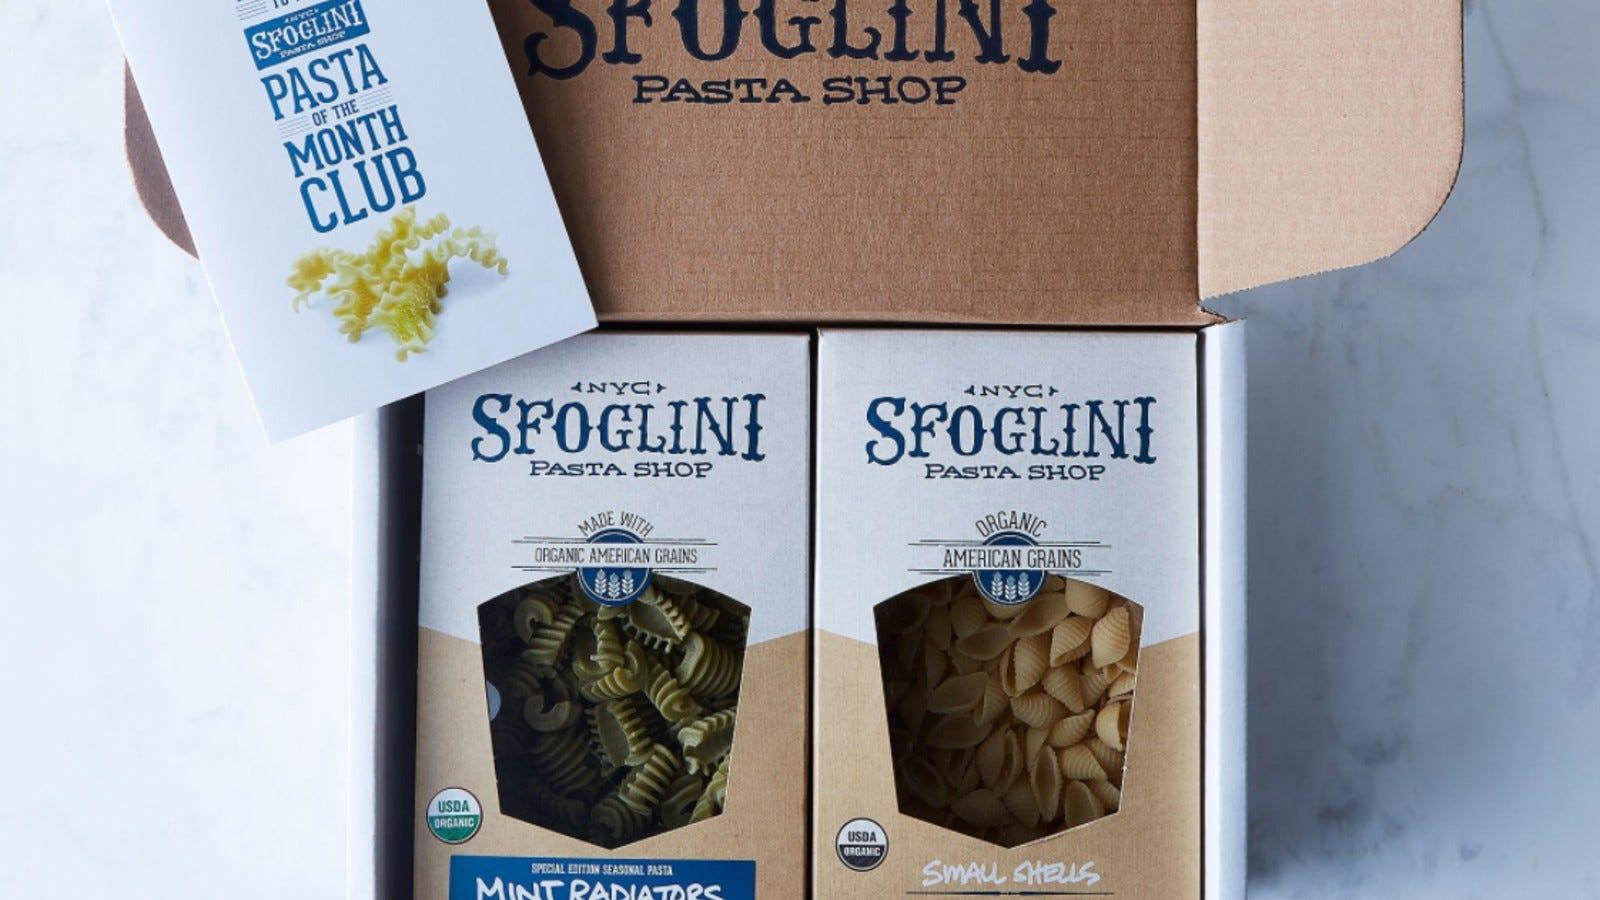 two different boxes of Sfoglini pasta